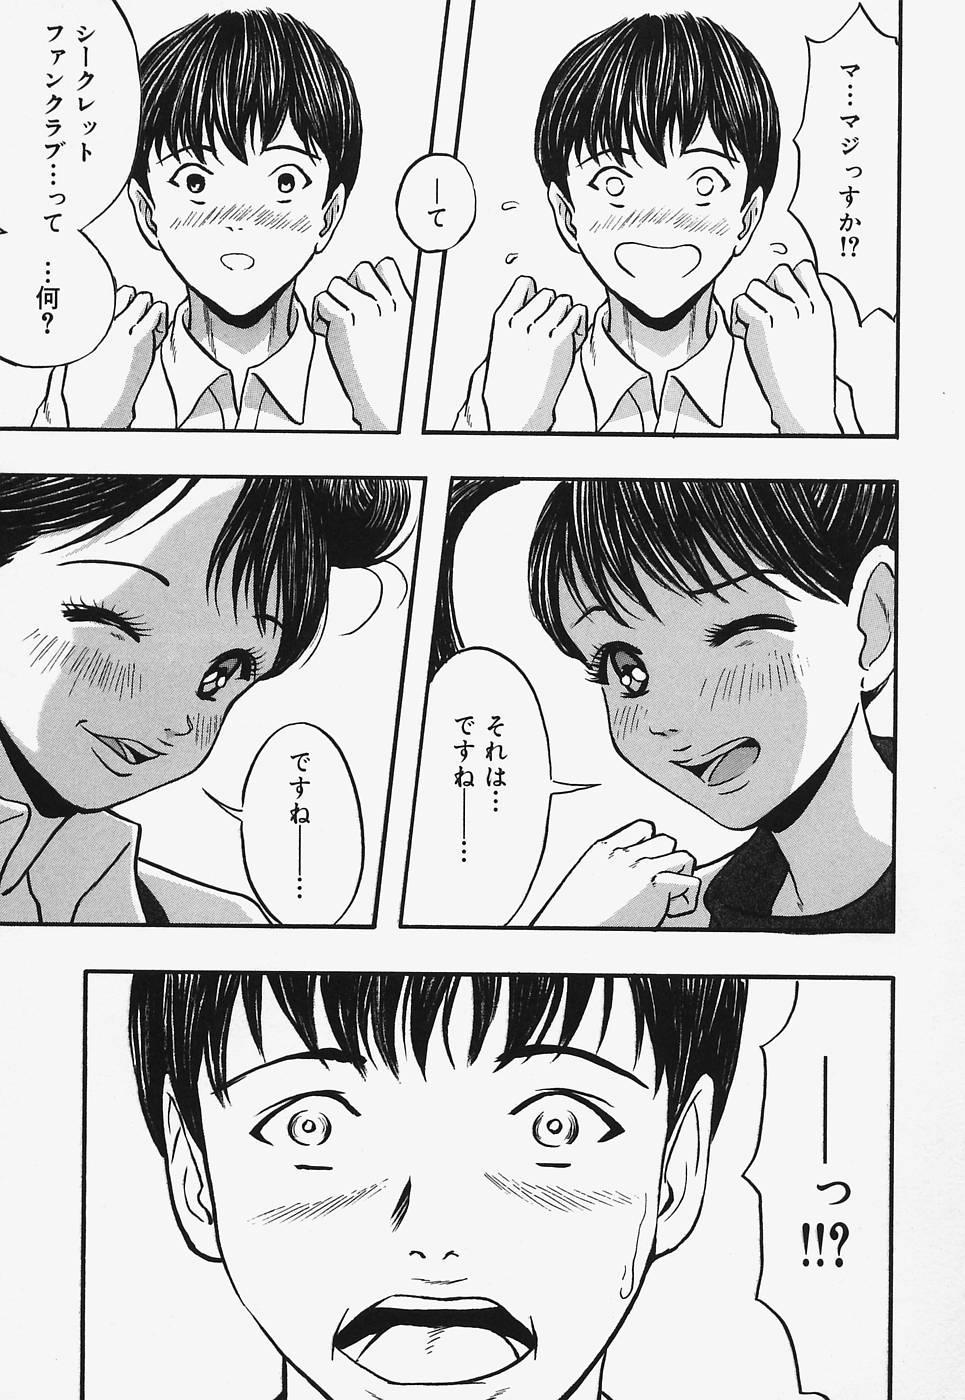 Nurunuru Syoujyo Jiru 149